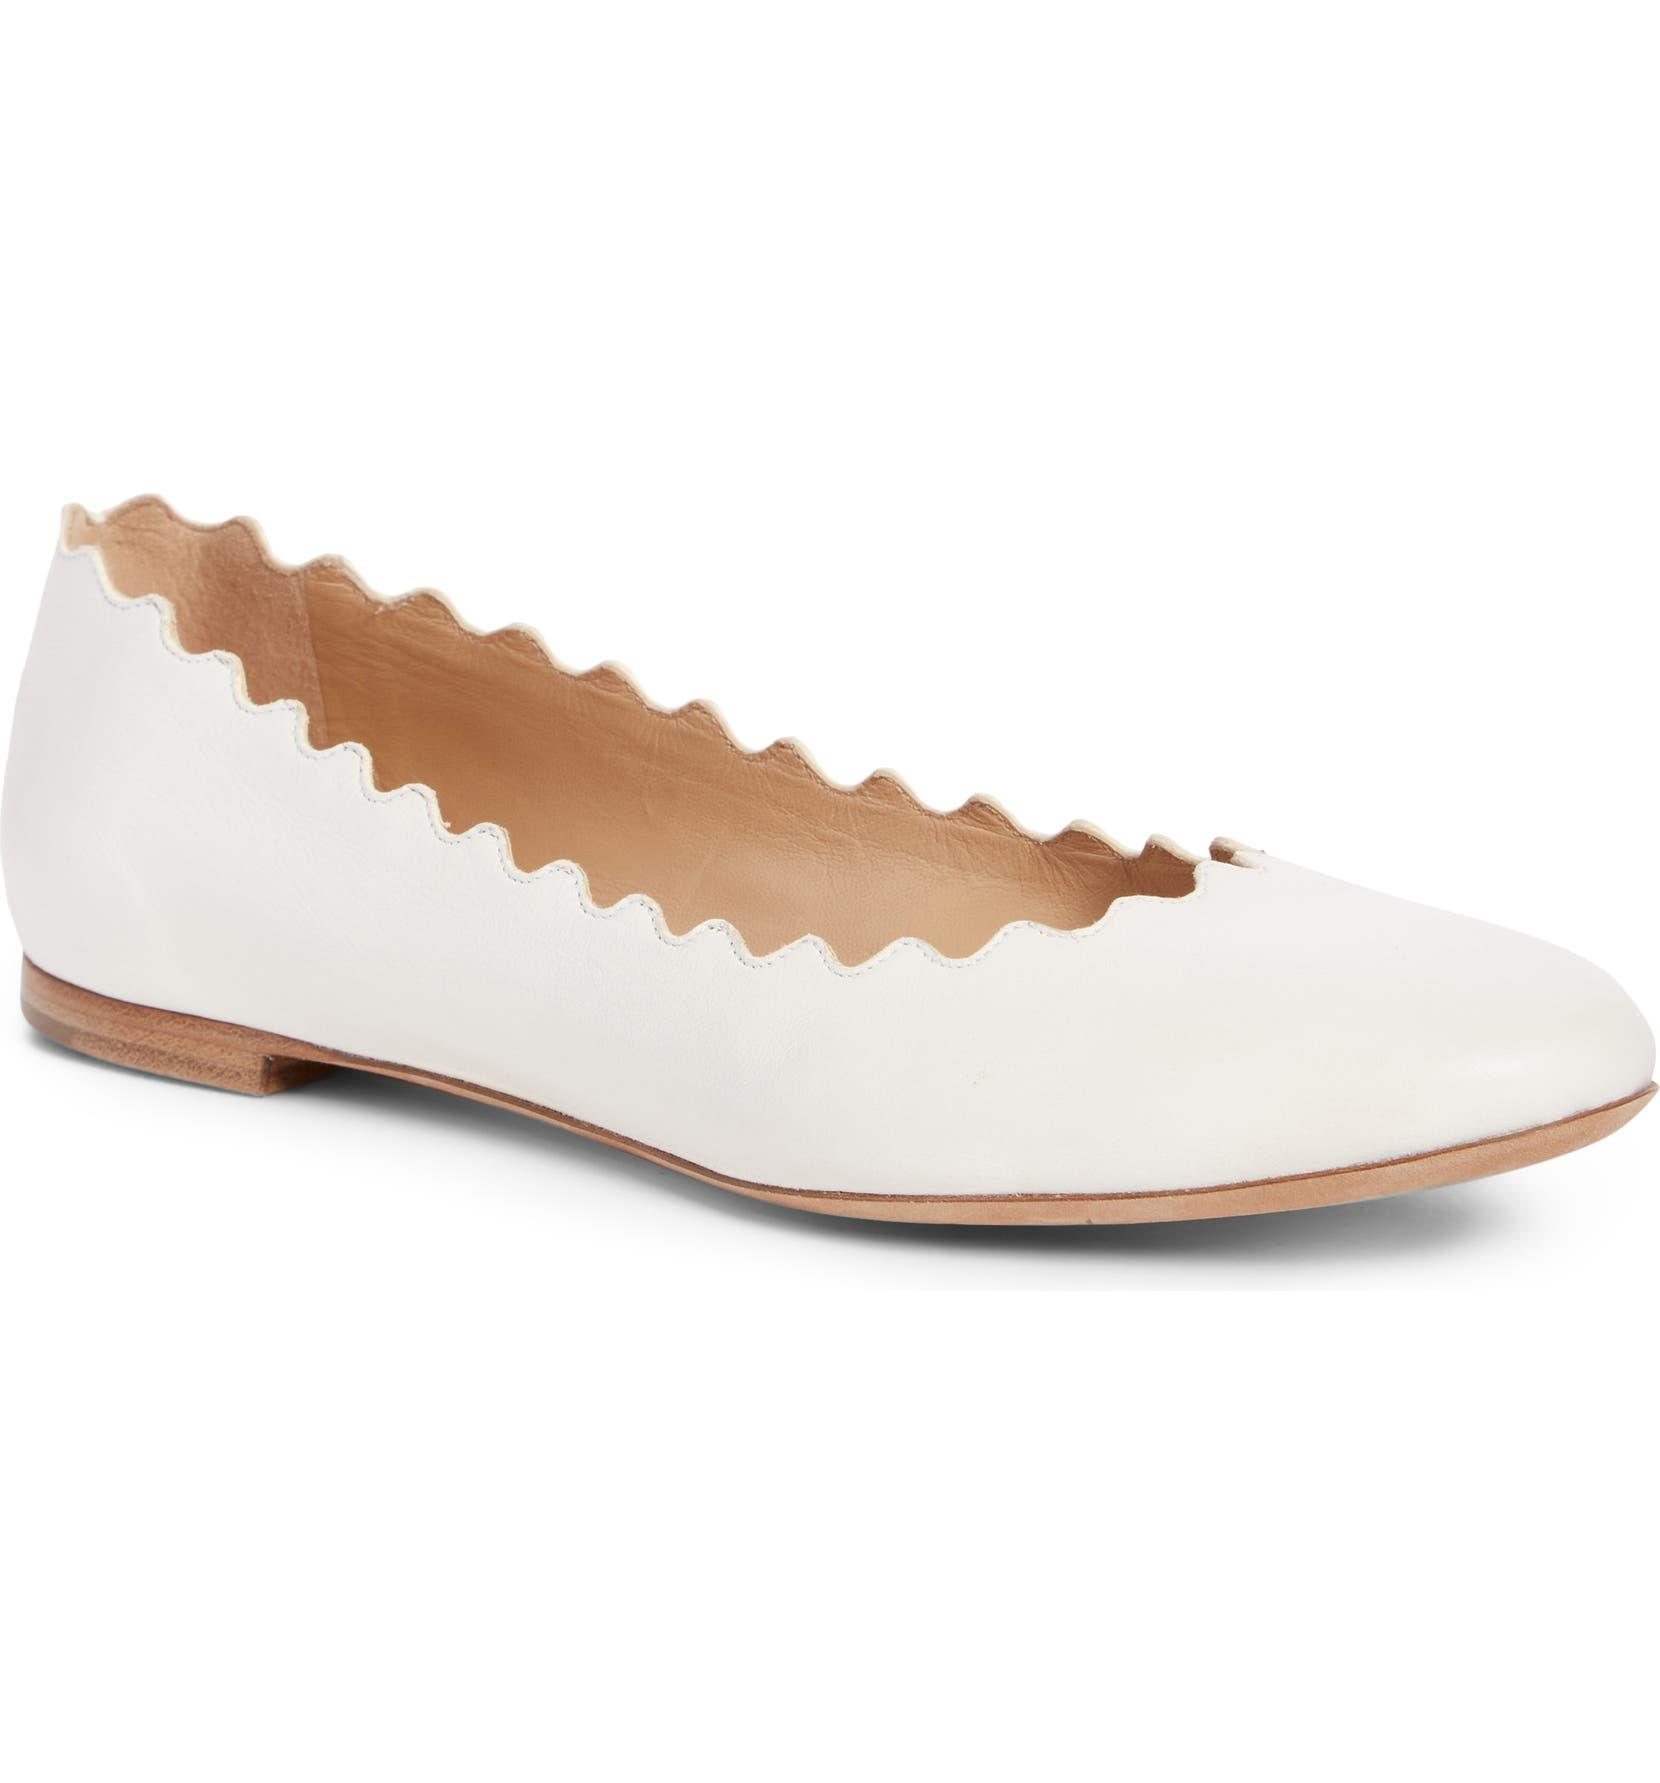 f7581dd1 'Lauren' Scalloped Ballet Flat